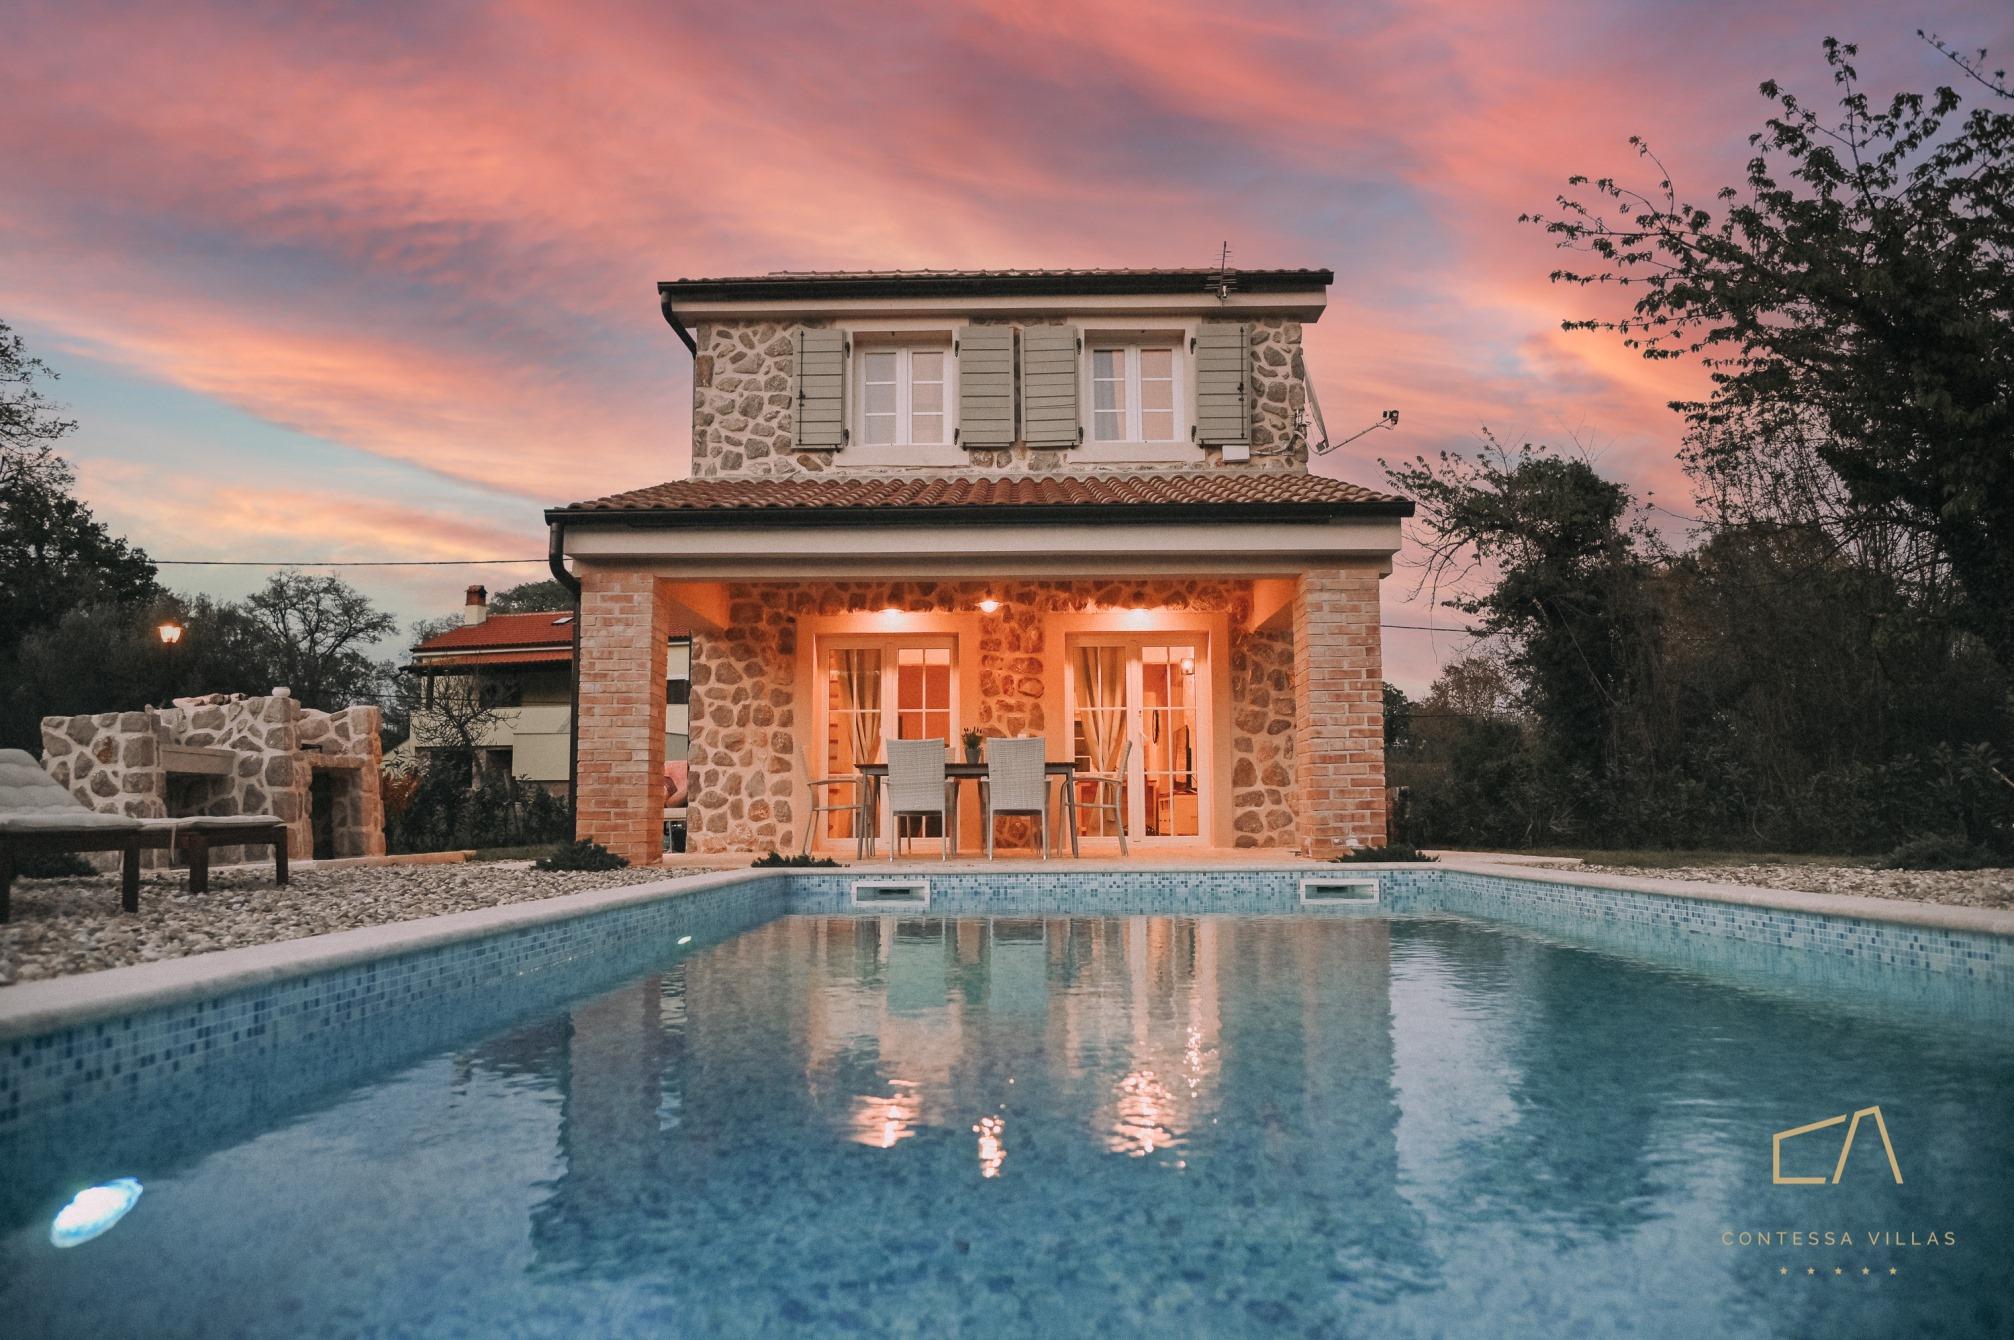 Upoznajte Contessine autentične kamene kuće čija ljepota oduzima dah